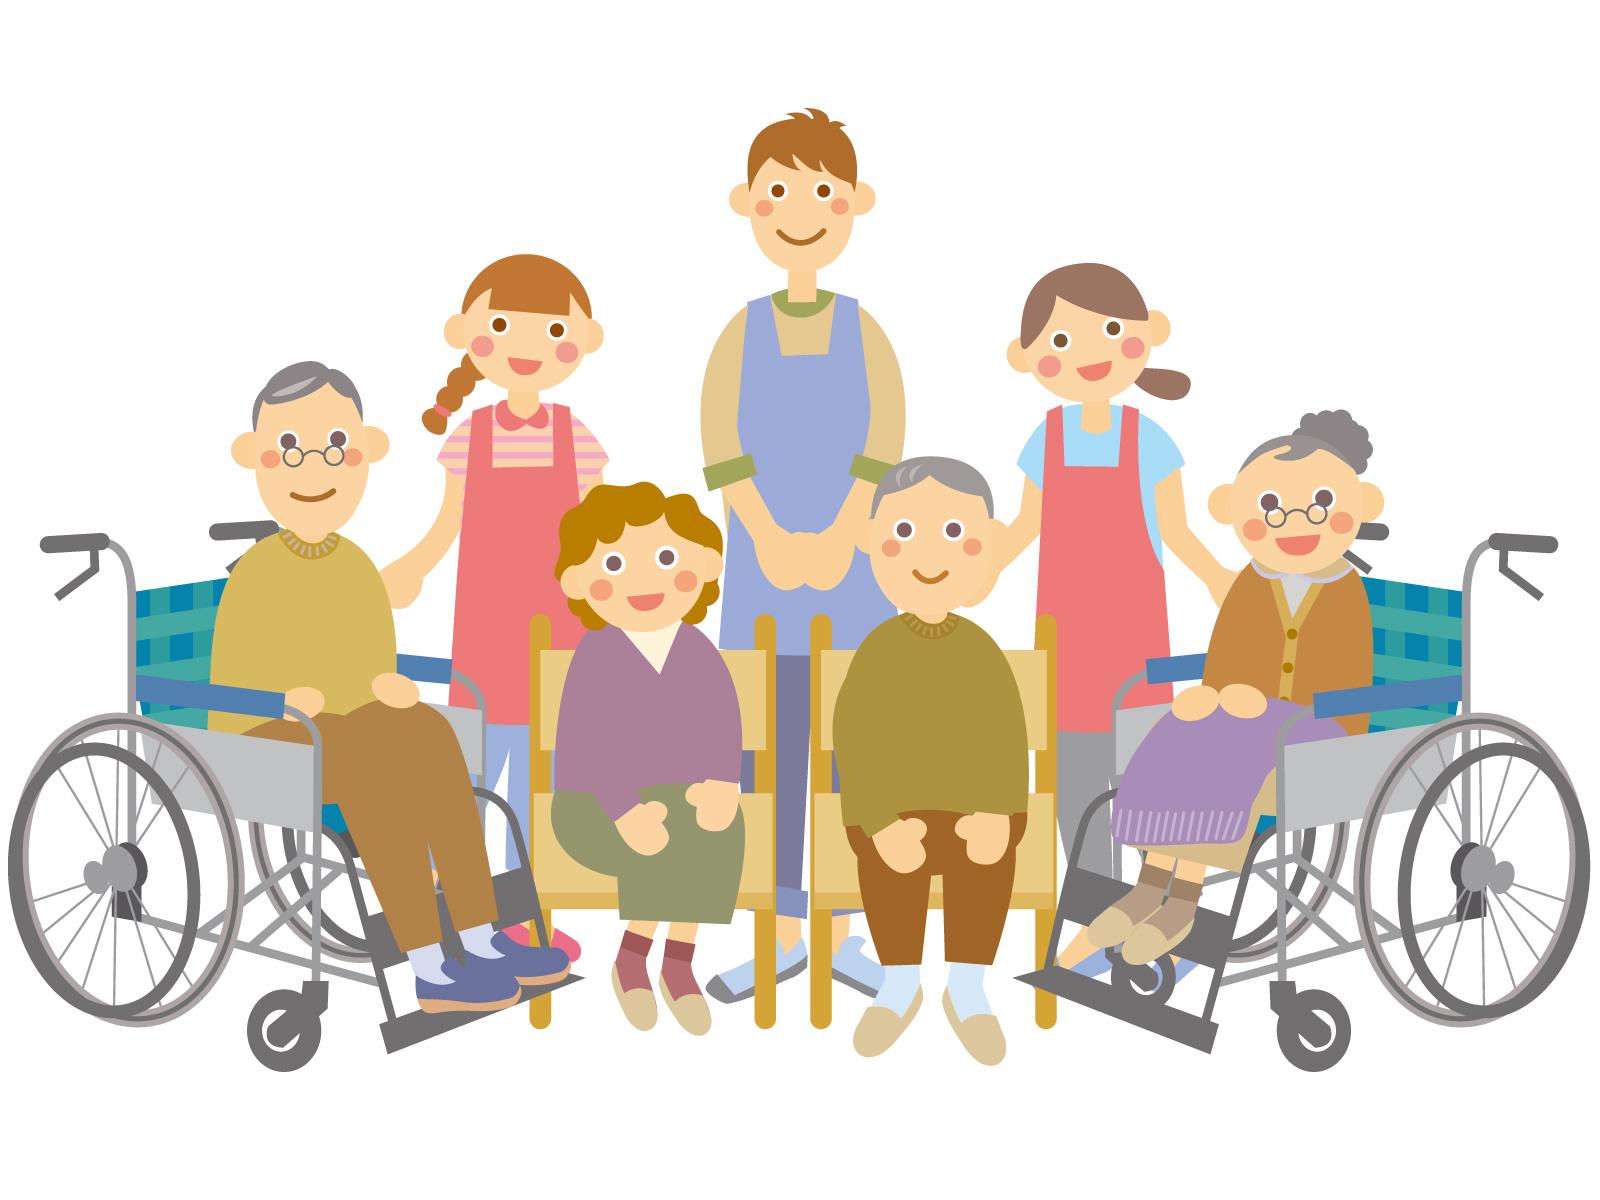 認知症におけるグループホームの有効性